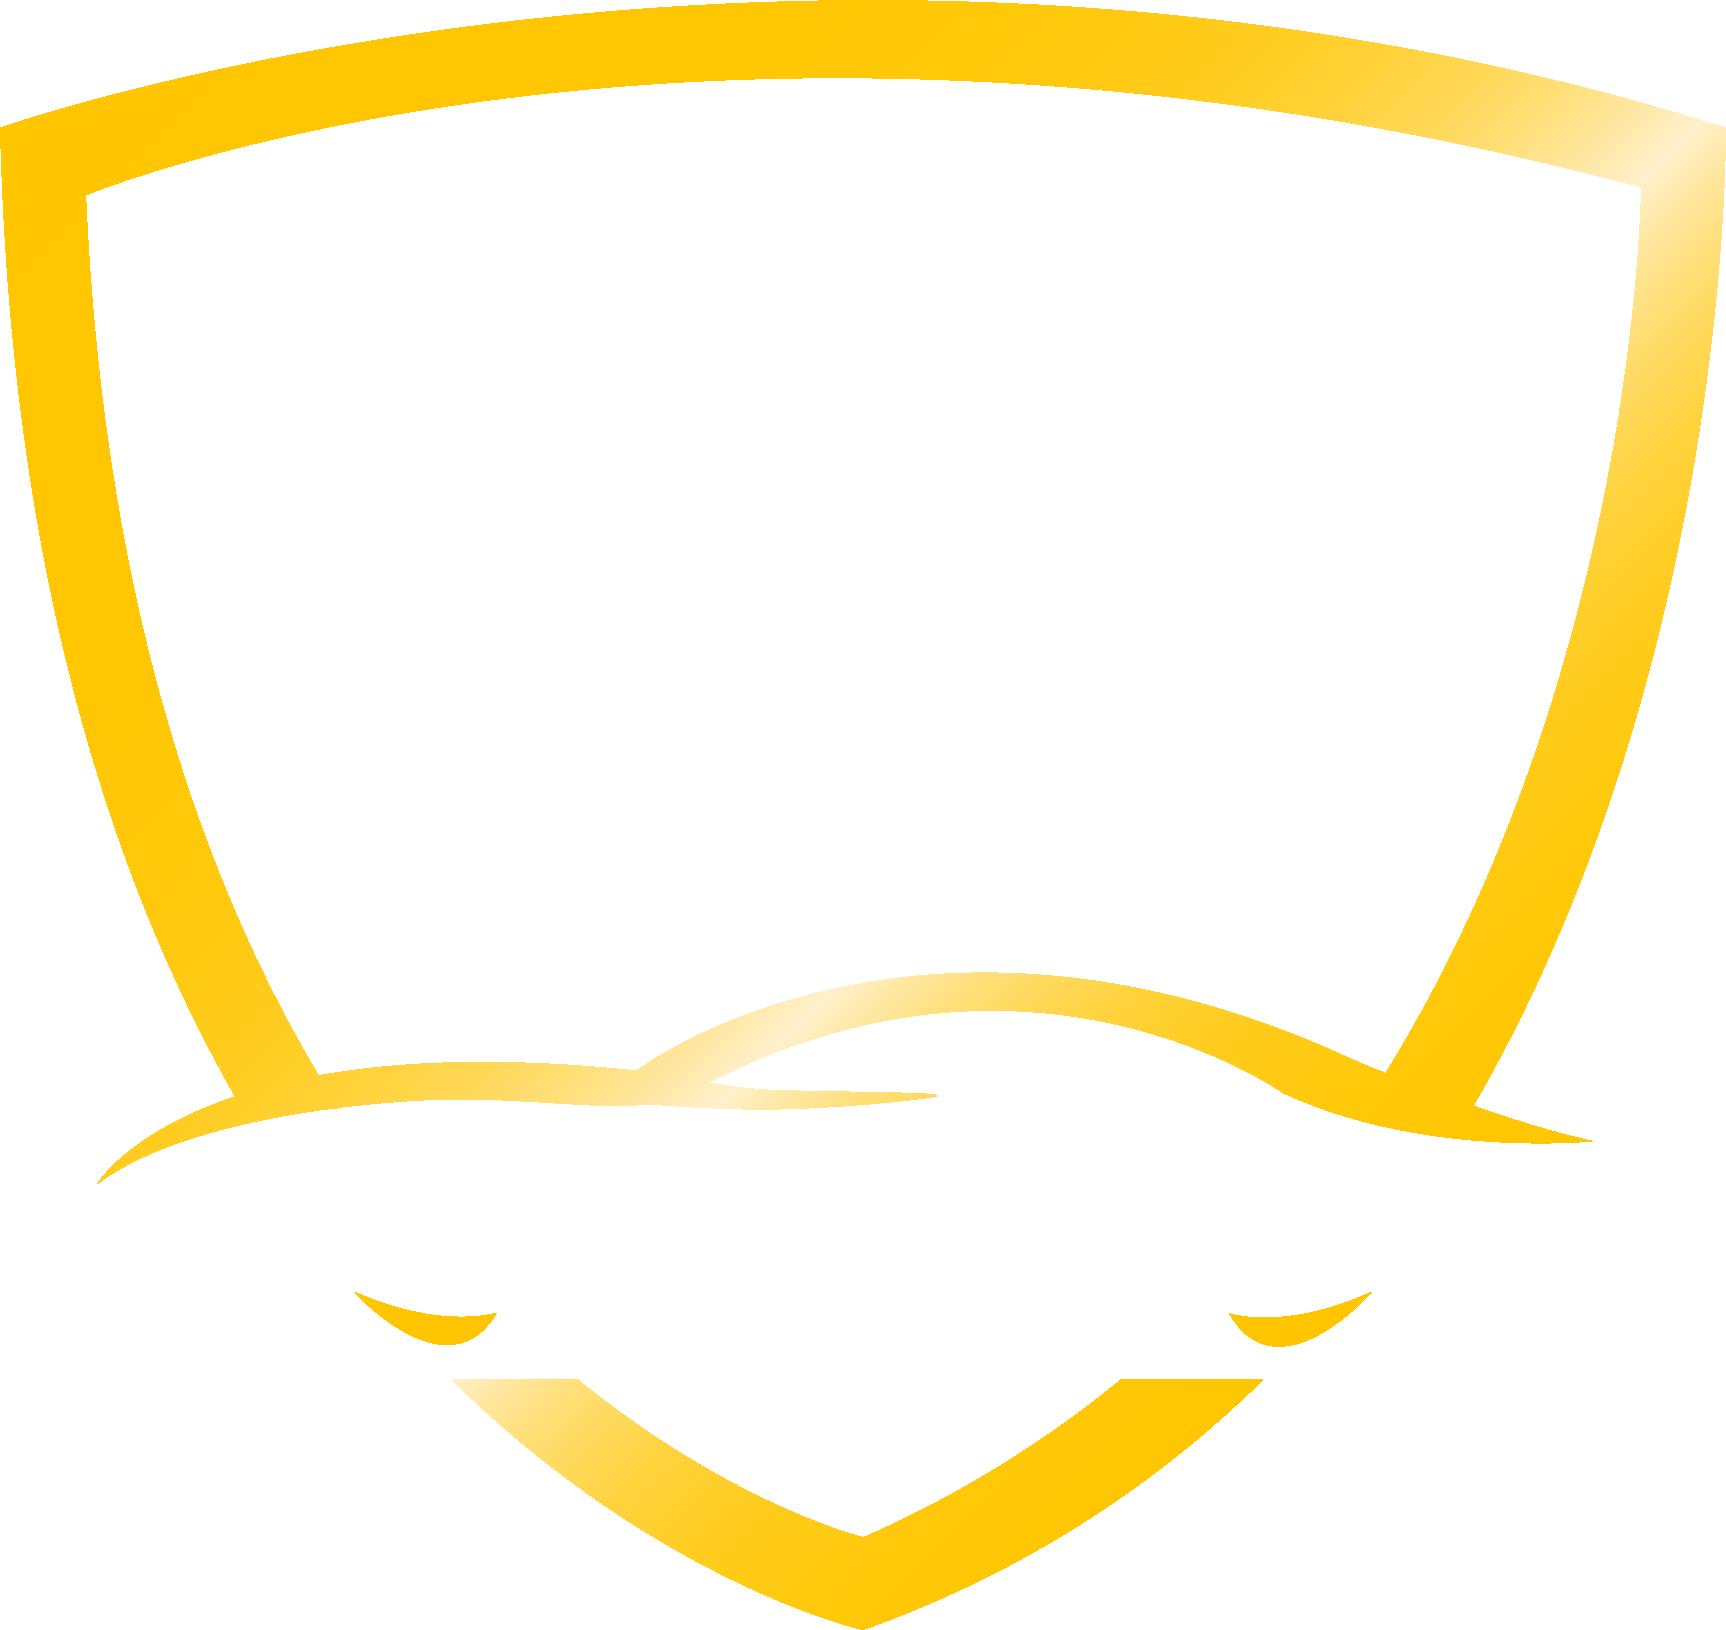 SJ Detailing